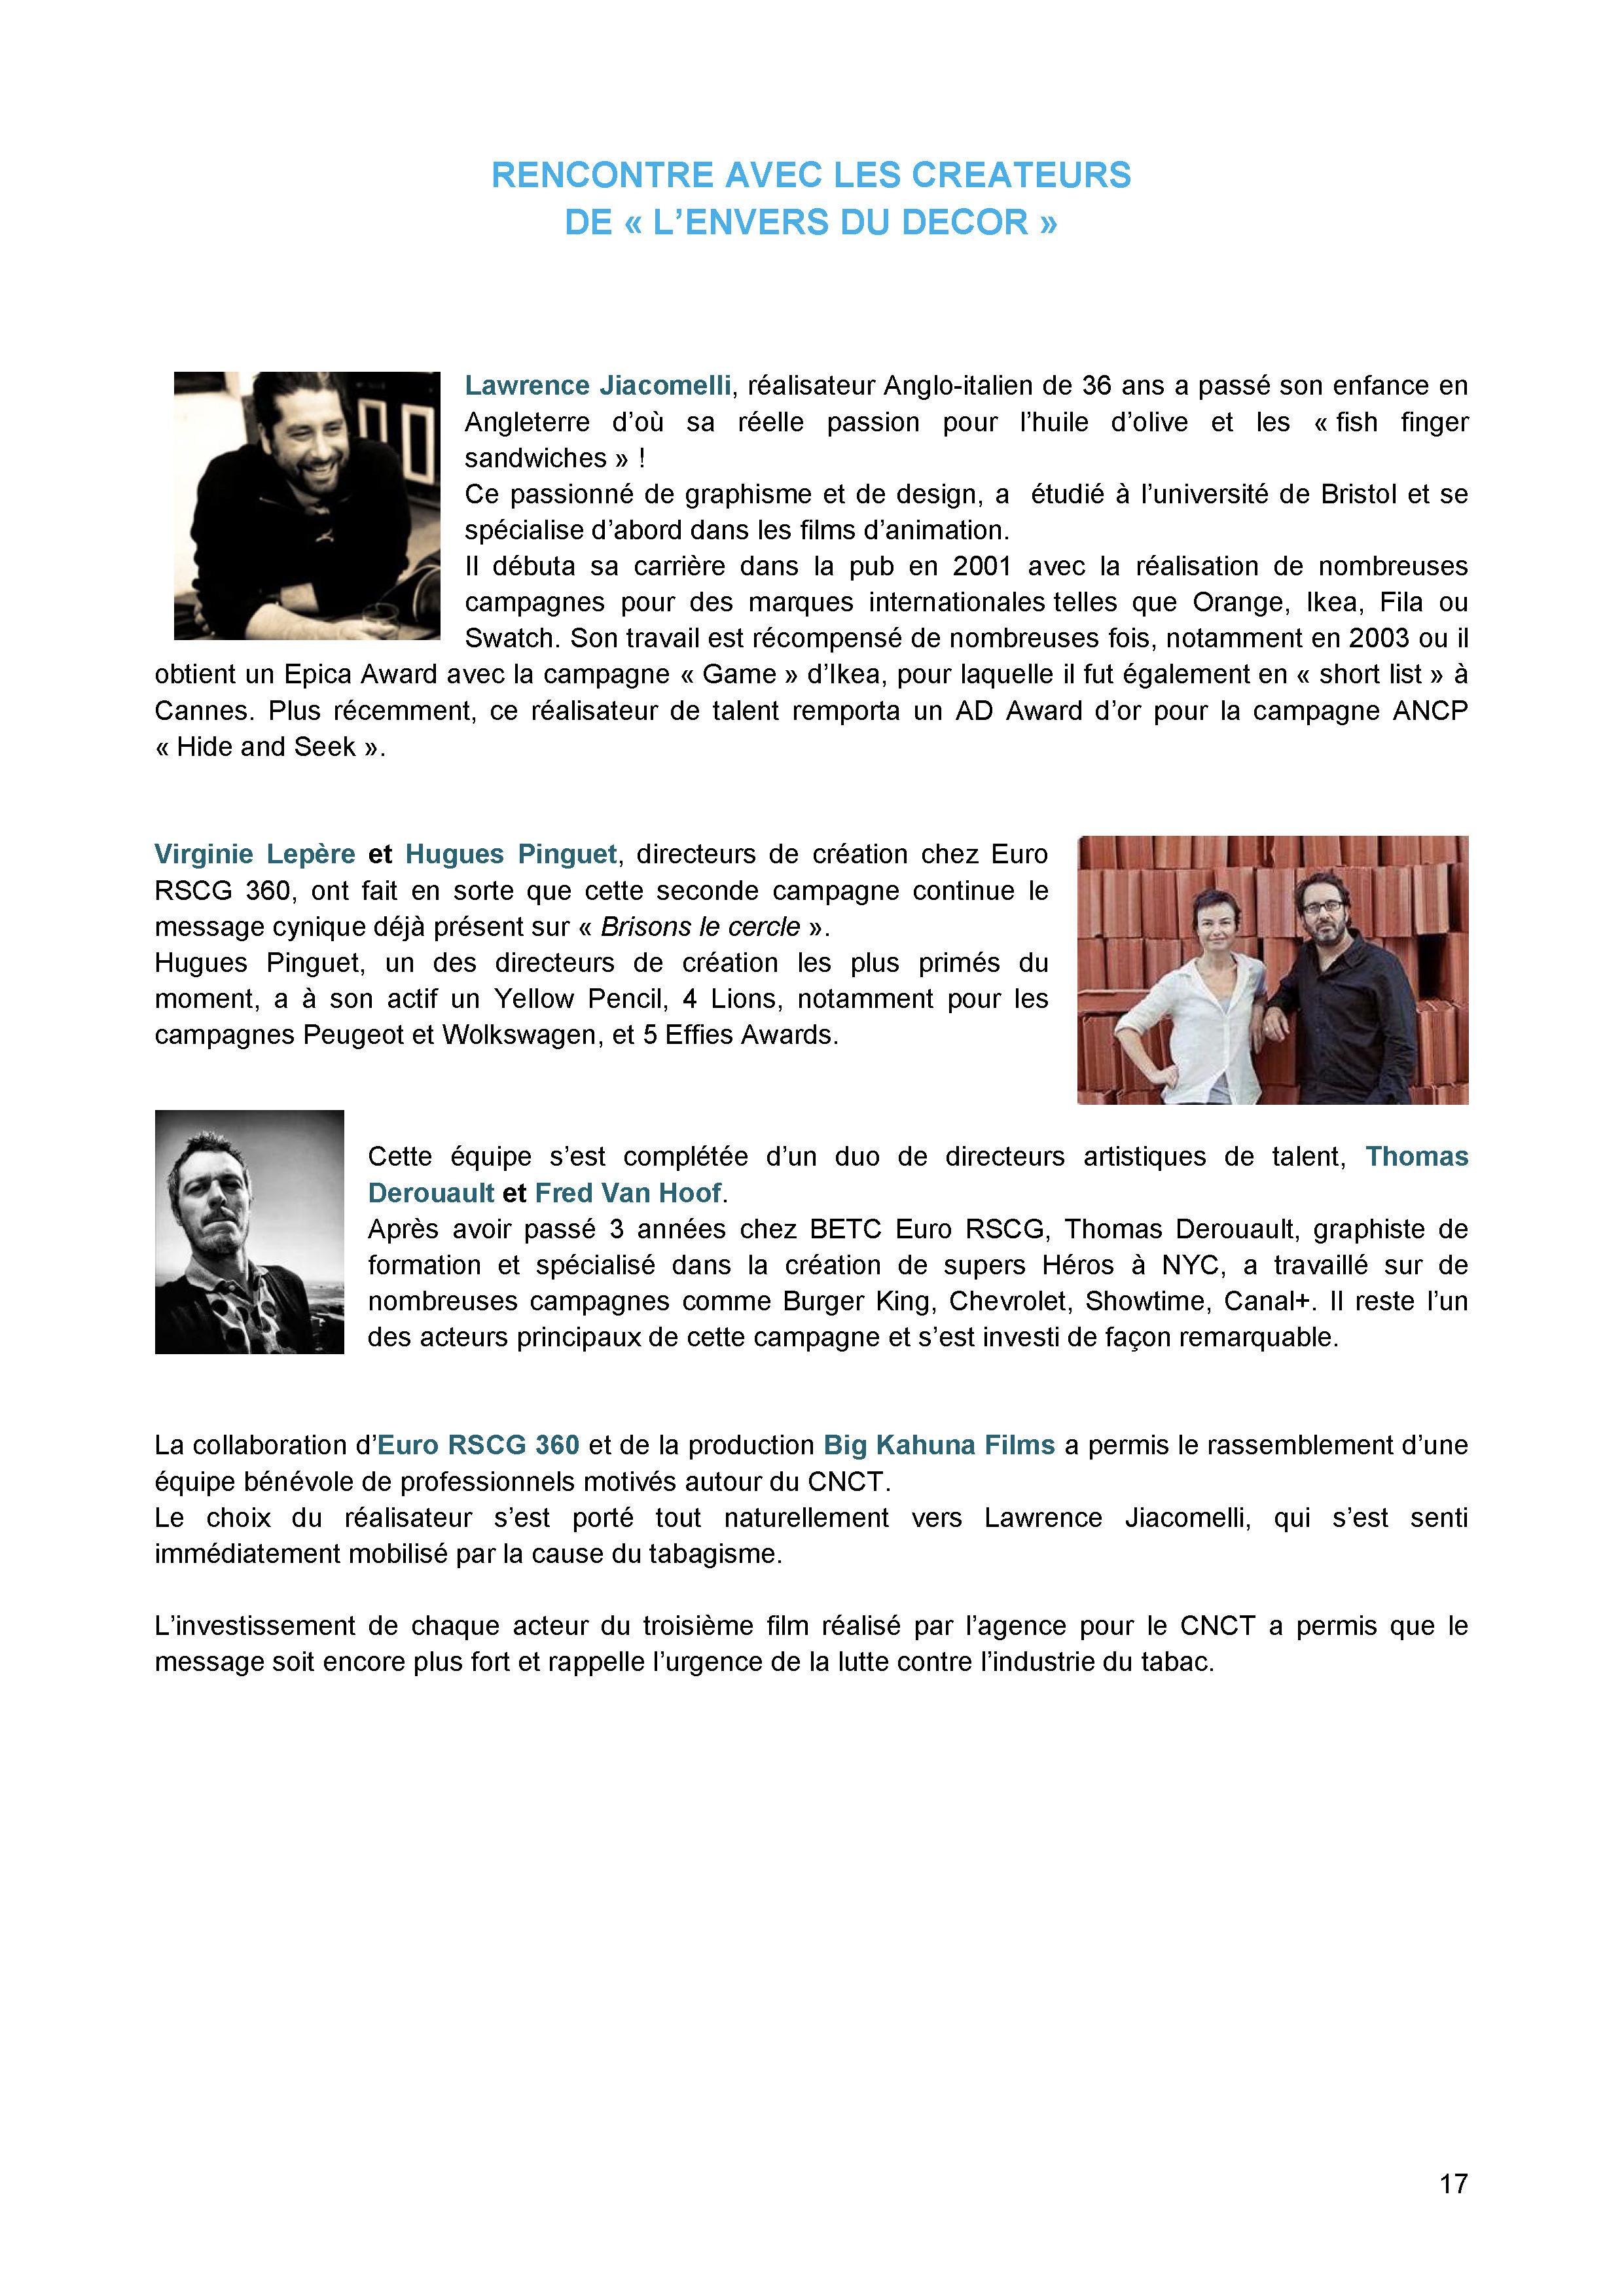 CNCT-DP-l-envers-du-decor-17mai2011_Page_17.jpg